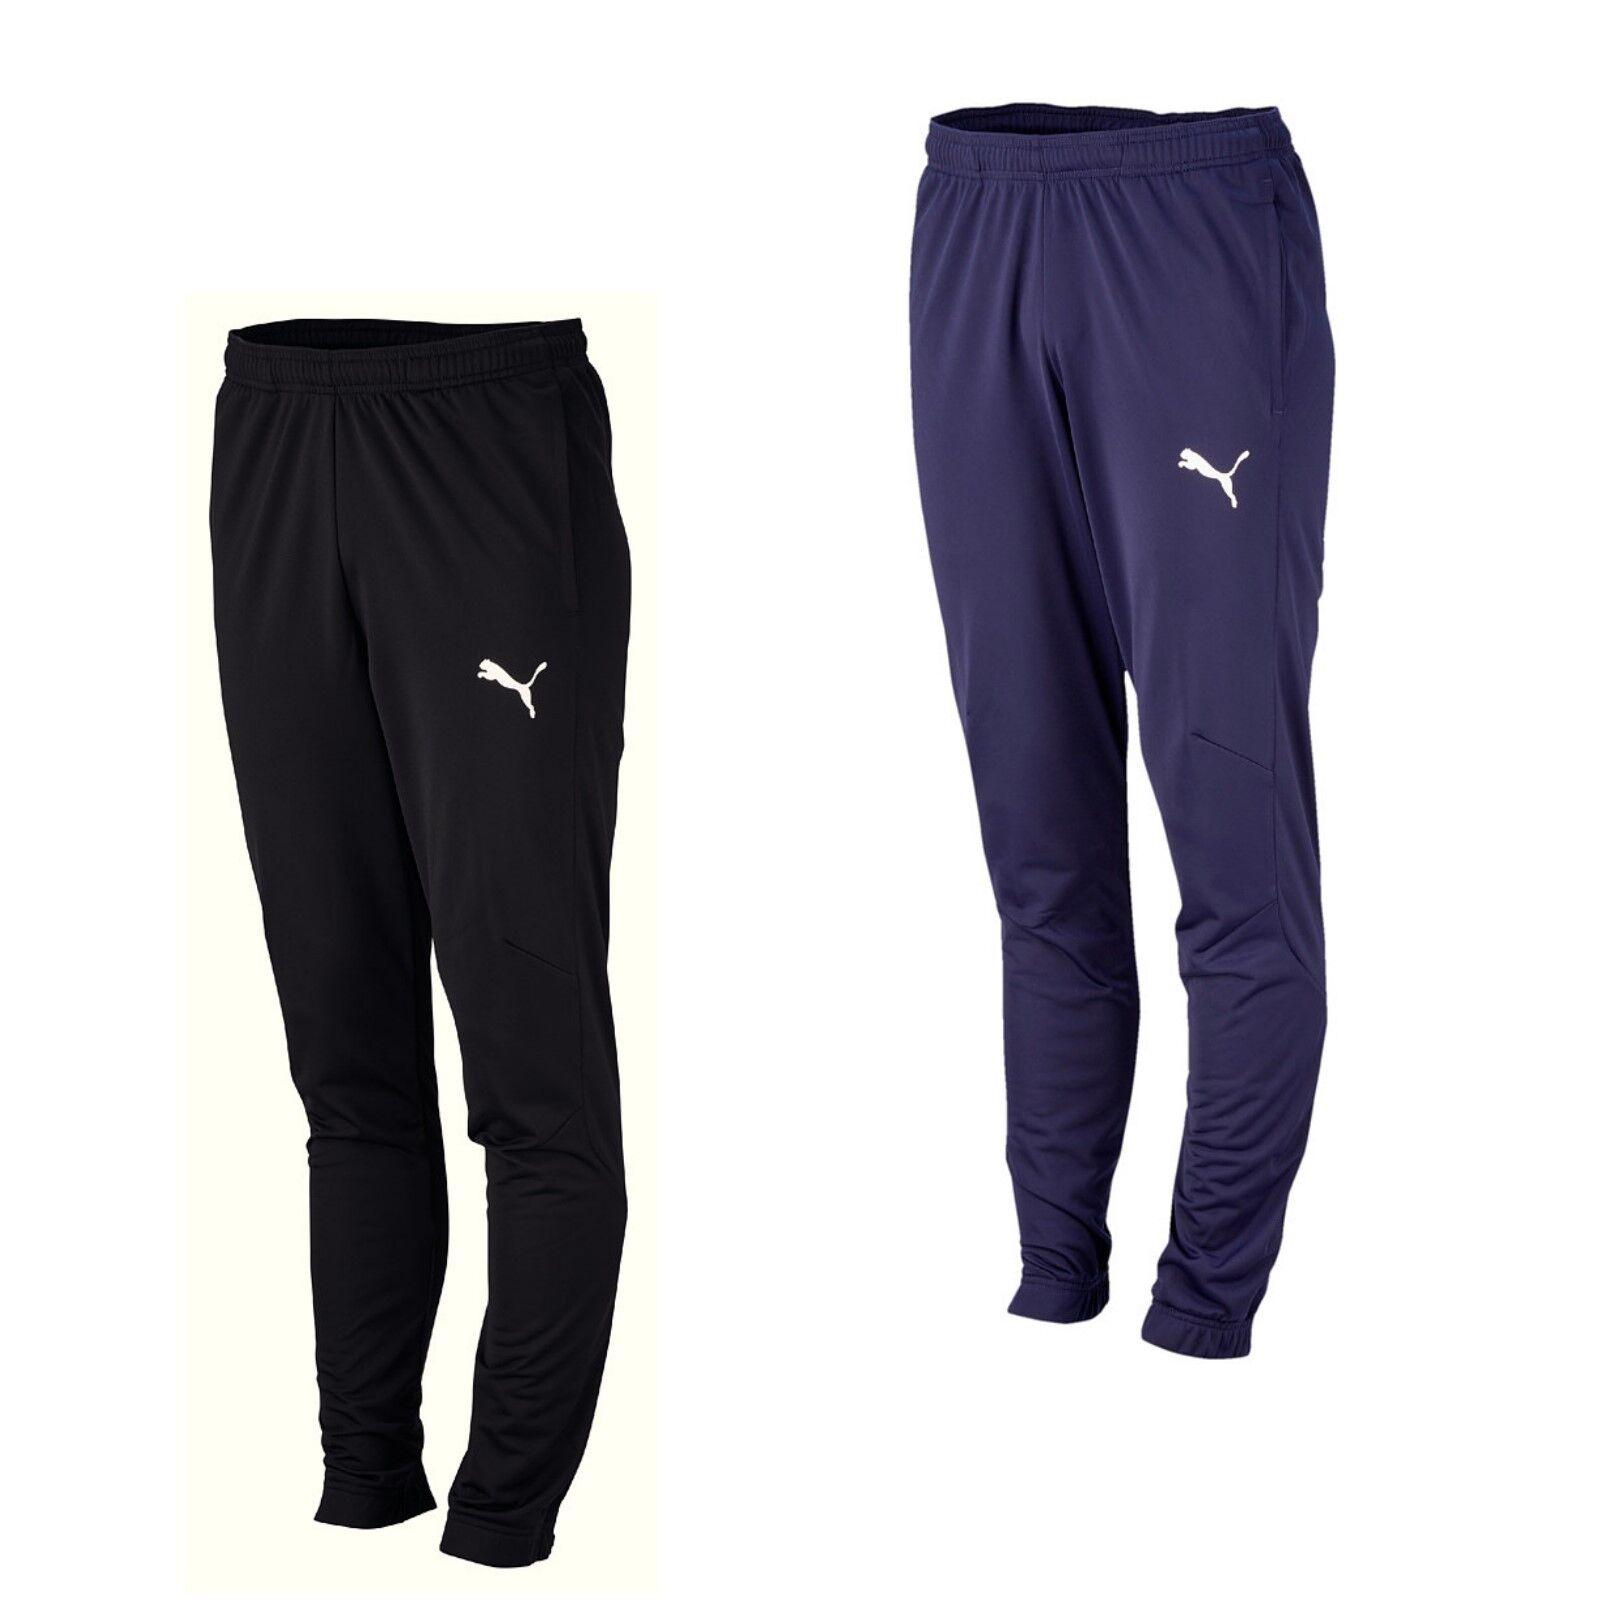 Puma Jogginghosen Hose Herren Trainingshose Sporthose schwarz blau lang Männer